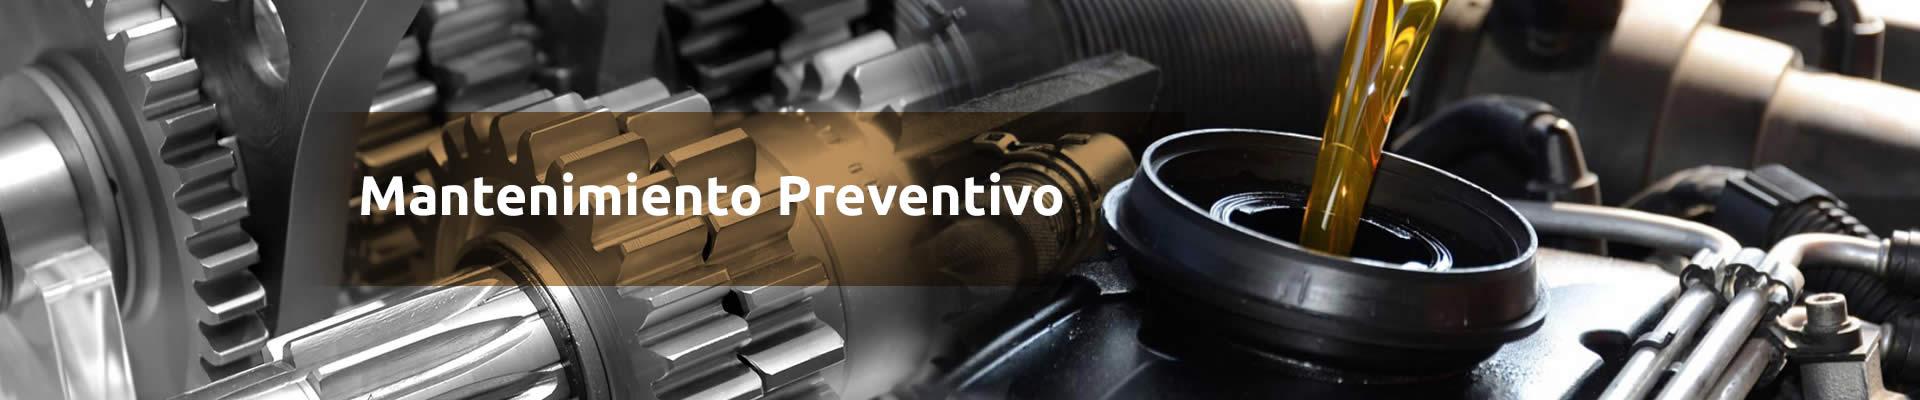 banner_mantenimiento_preventivo